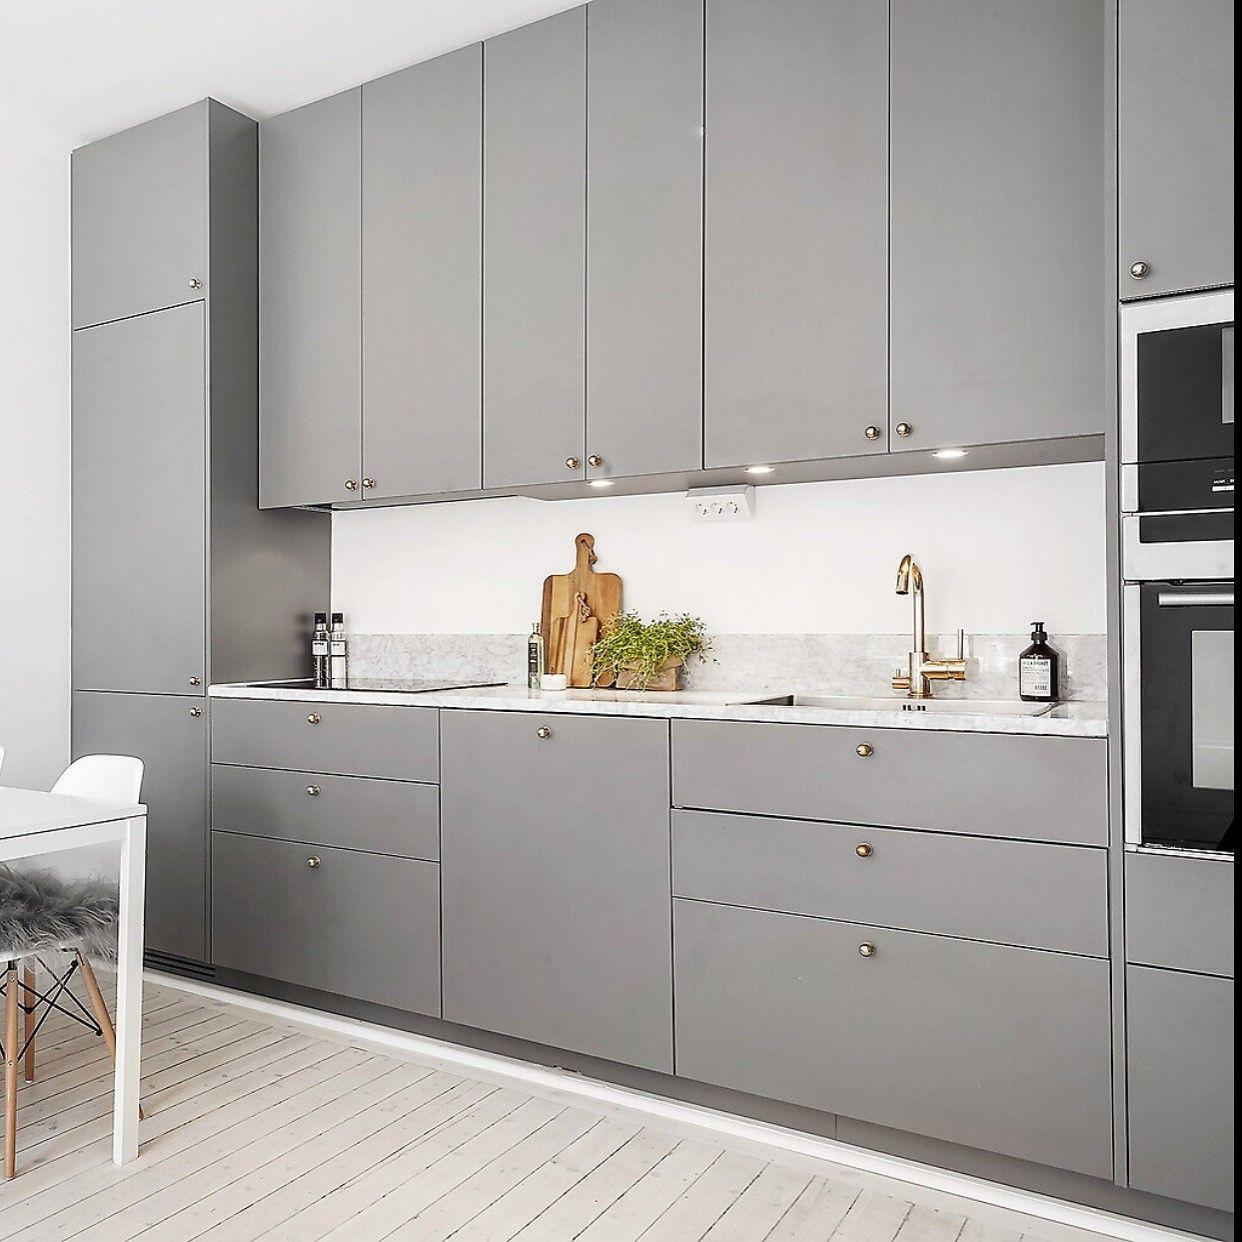 Ringhult Grey Kitchen: Kök, Kök Stänkskydd Och